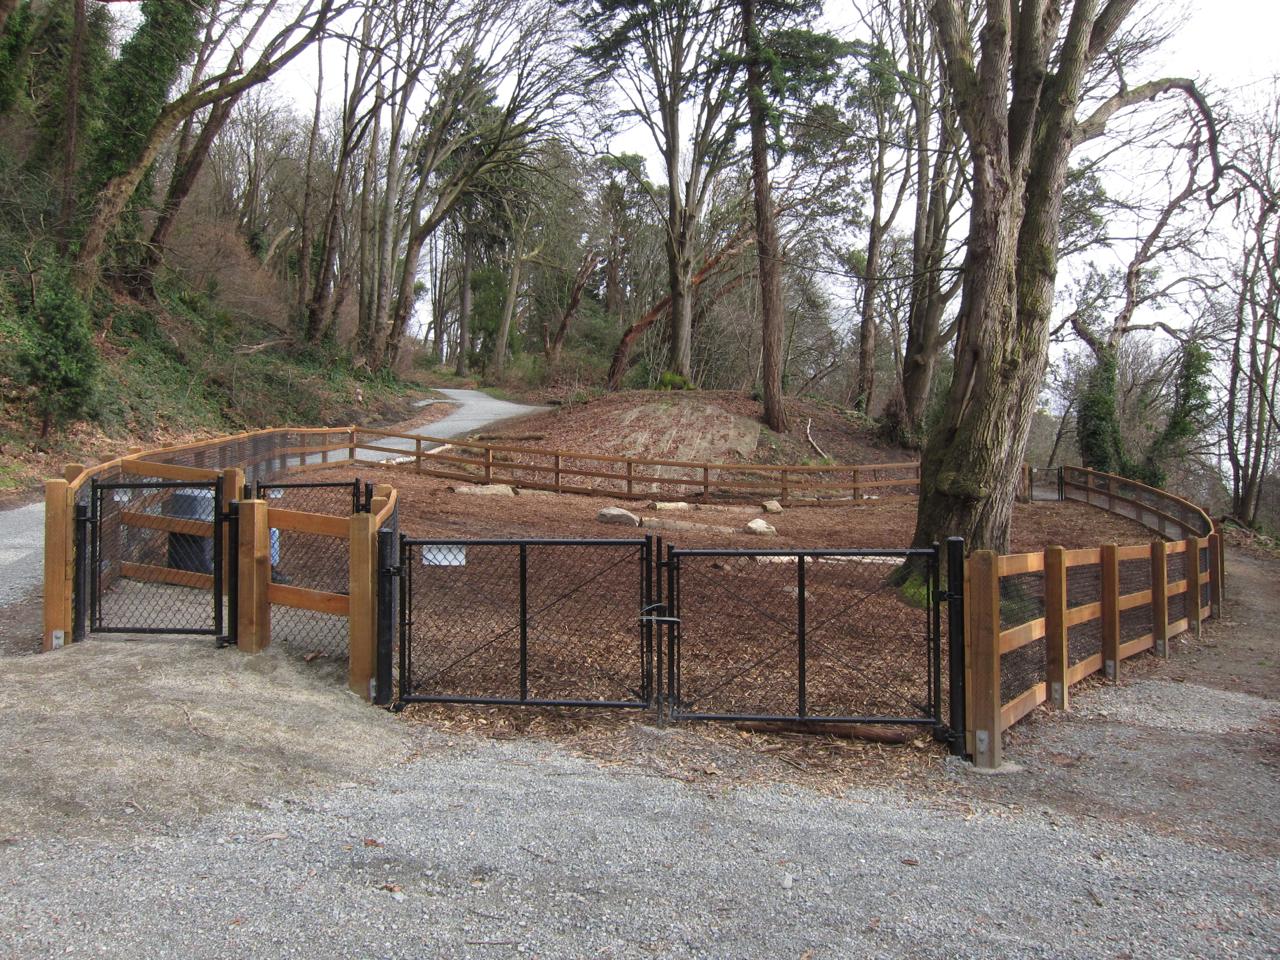 Kinnear Dog Park